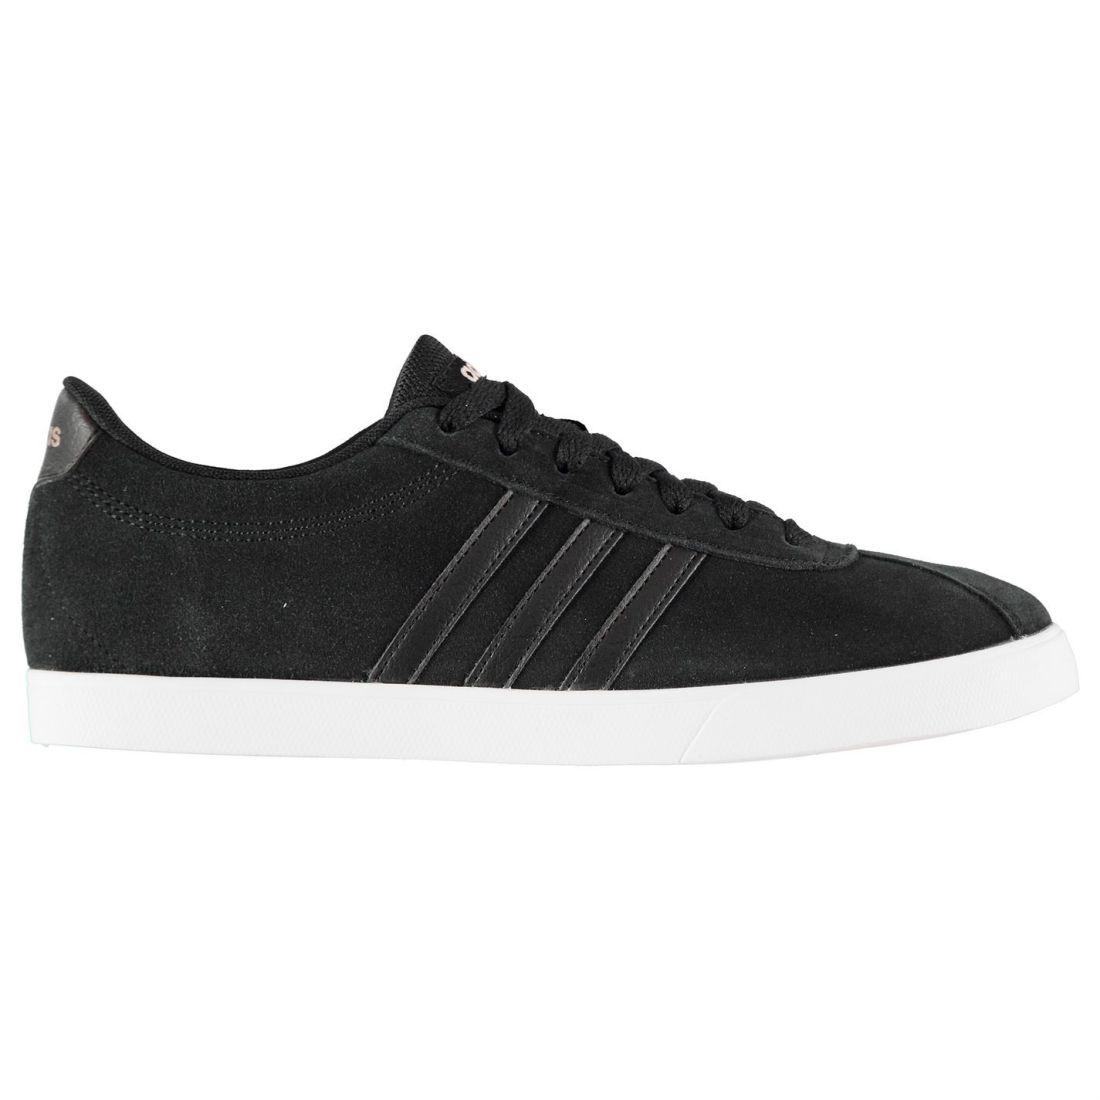 Adidas courtset scarpe scamosciate signore signore signore scarpe allacciate con i laccicaviglia collare   Forte valore  017319